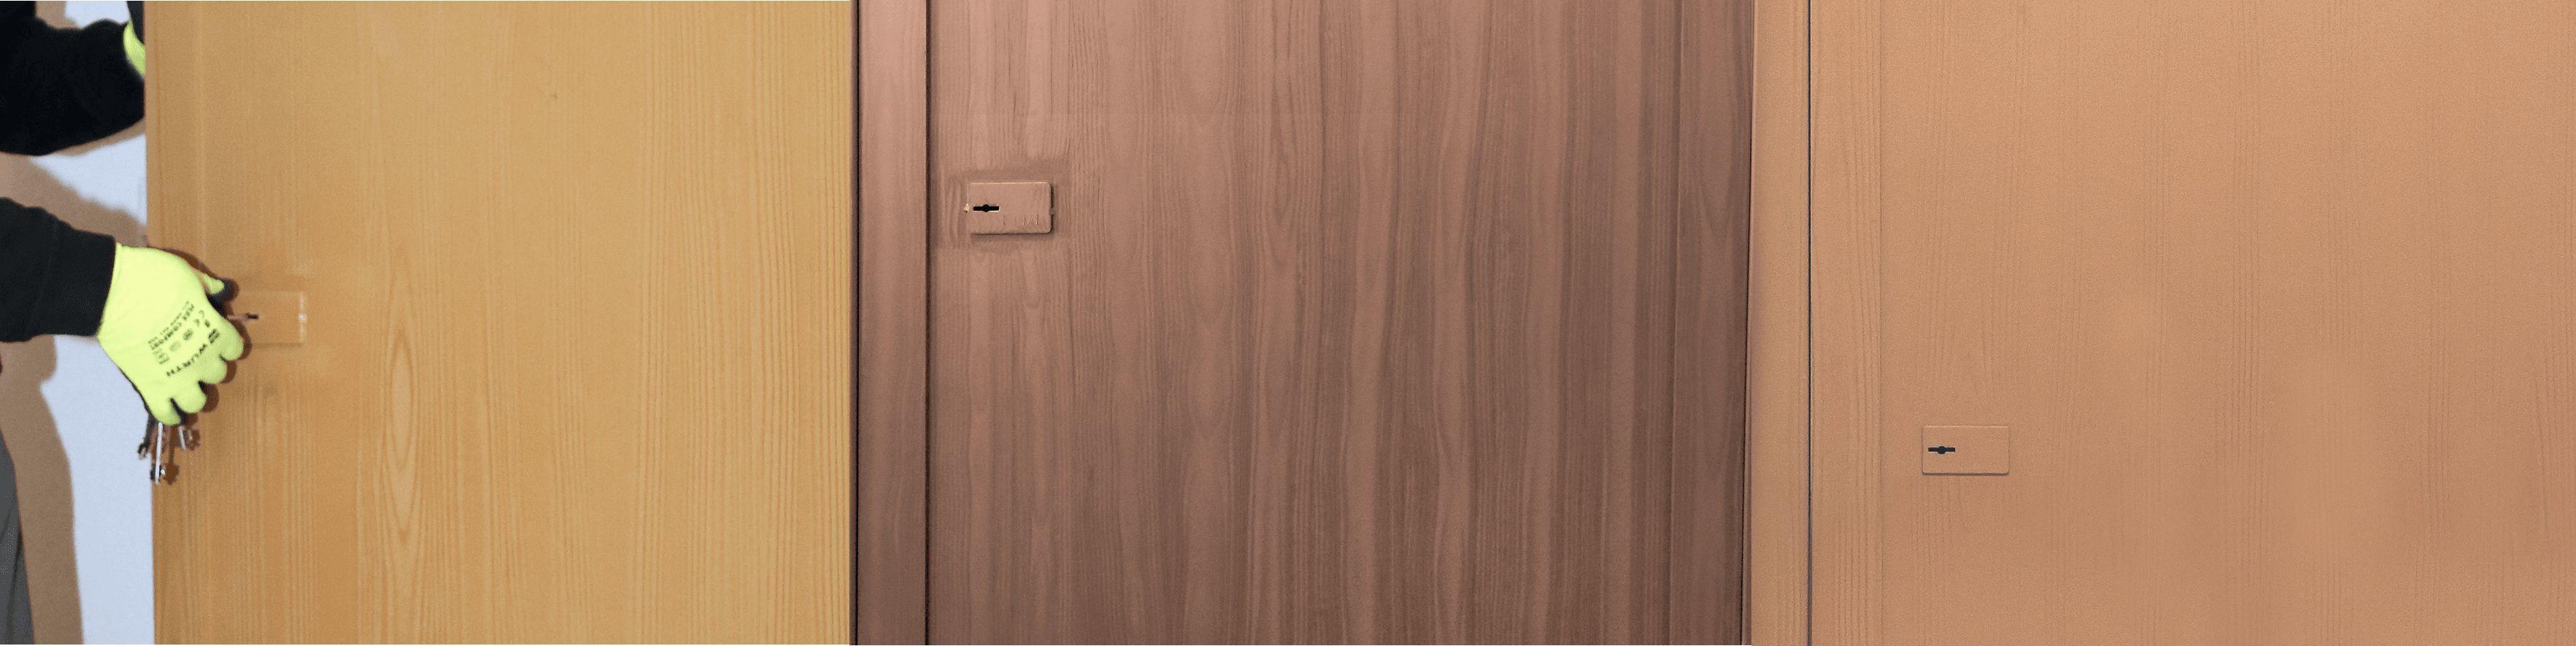 puertas antiokupa